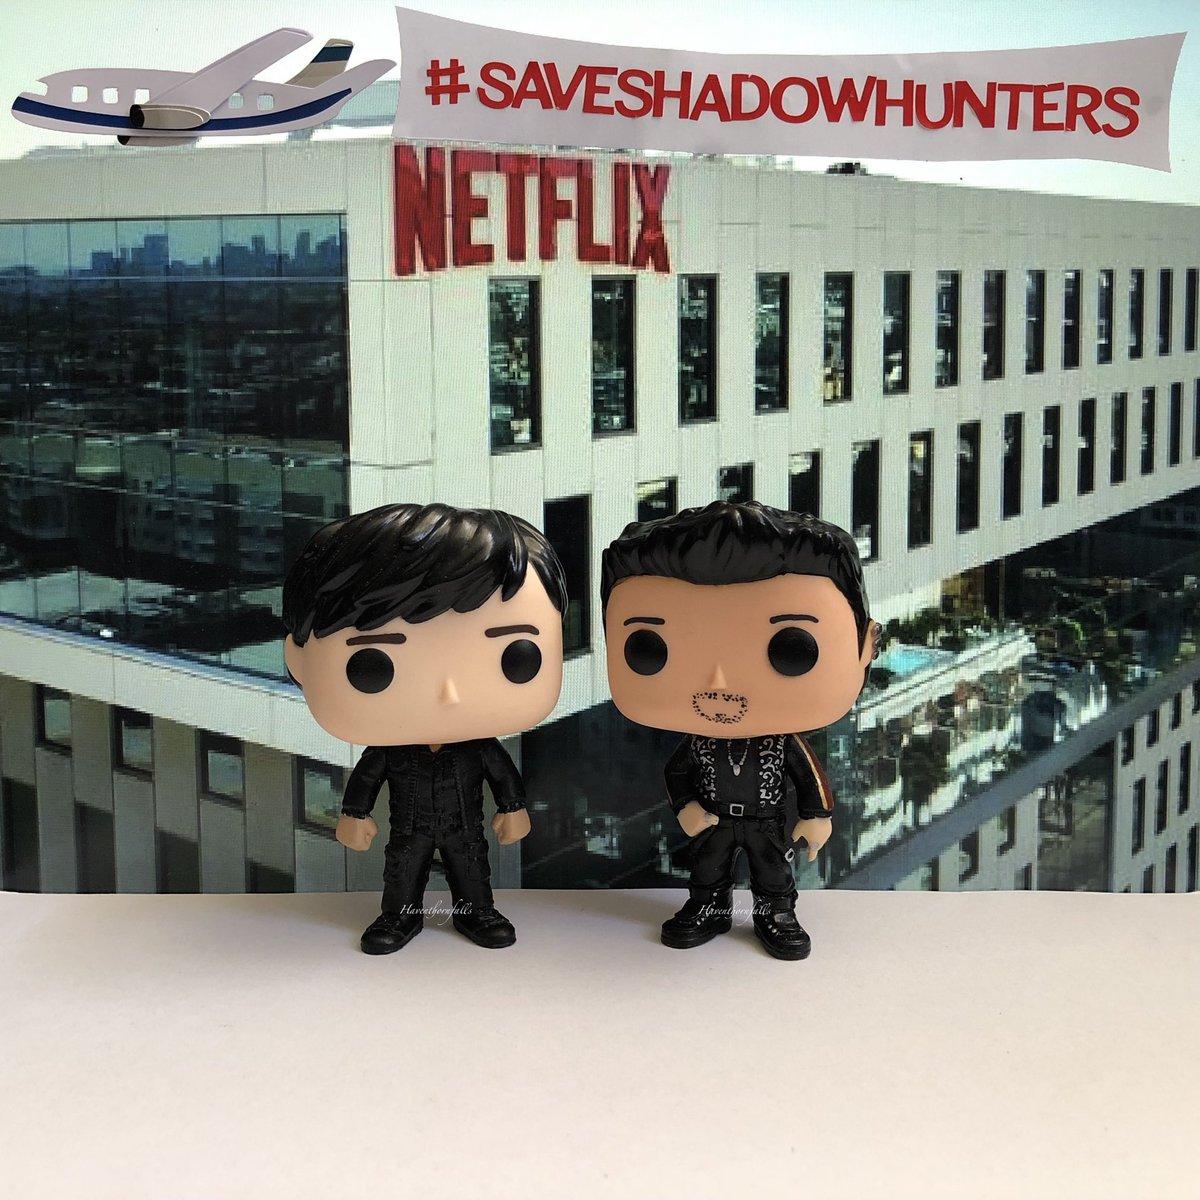 ✈️✈️✈️ #SaveShadowhunters #ShadowhuntersPlane